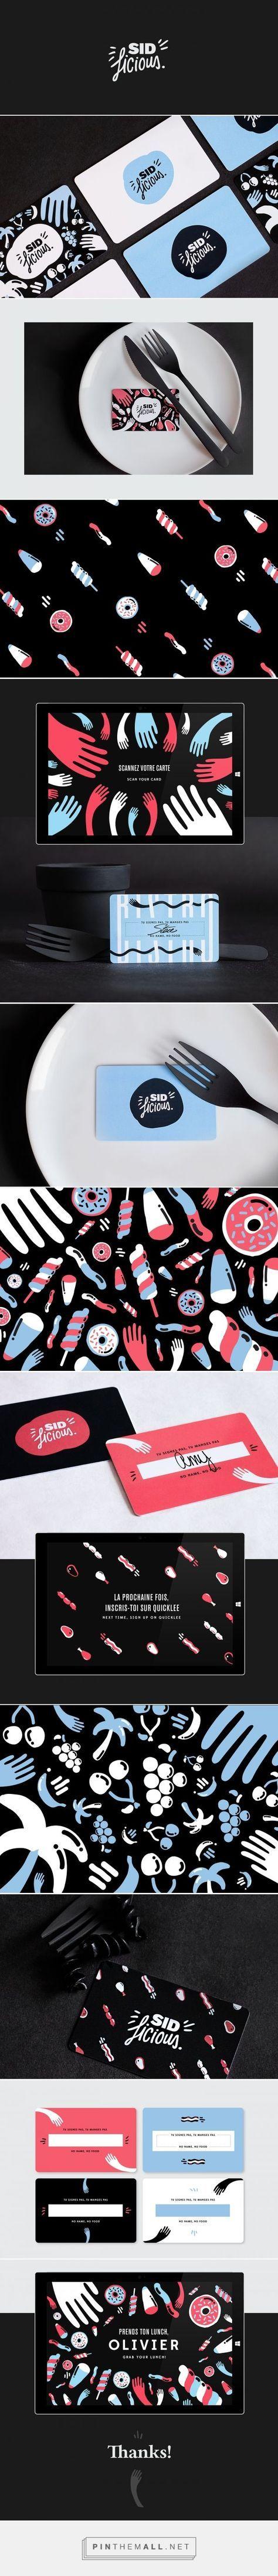 Inspiración e ideas de diseño de branding/Identidad de marca personal y corporativa.